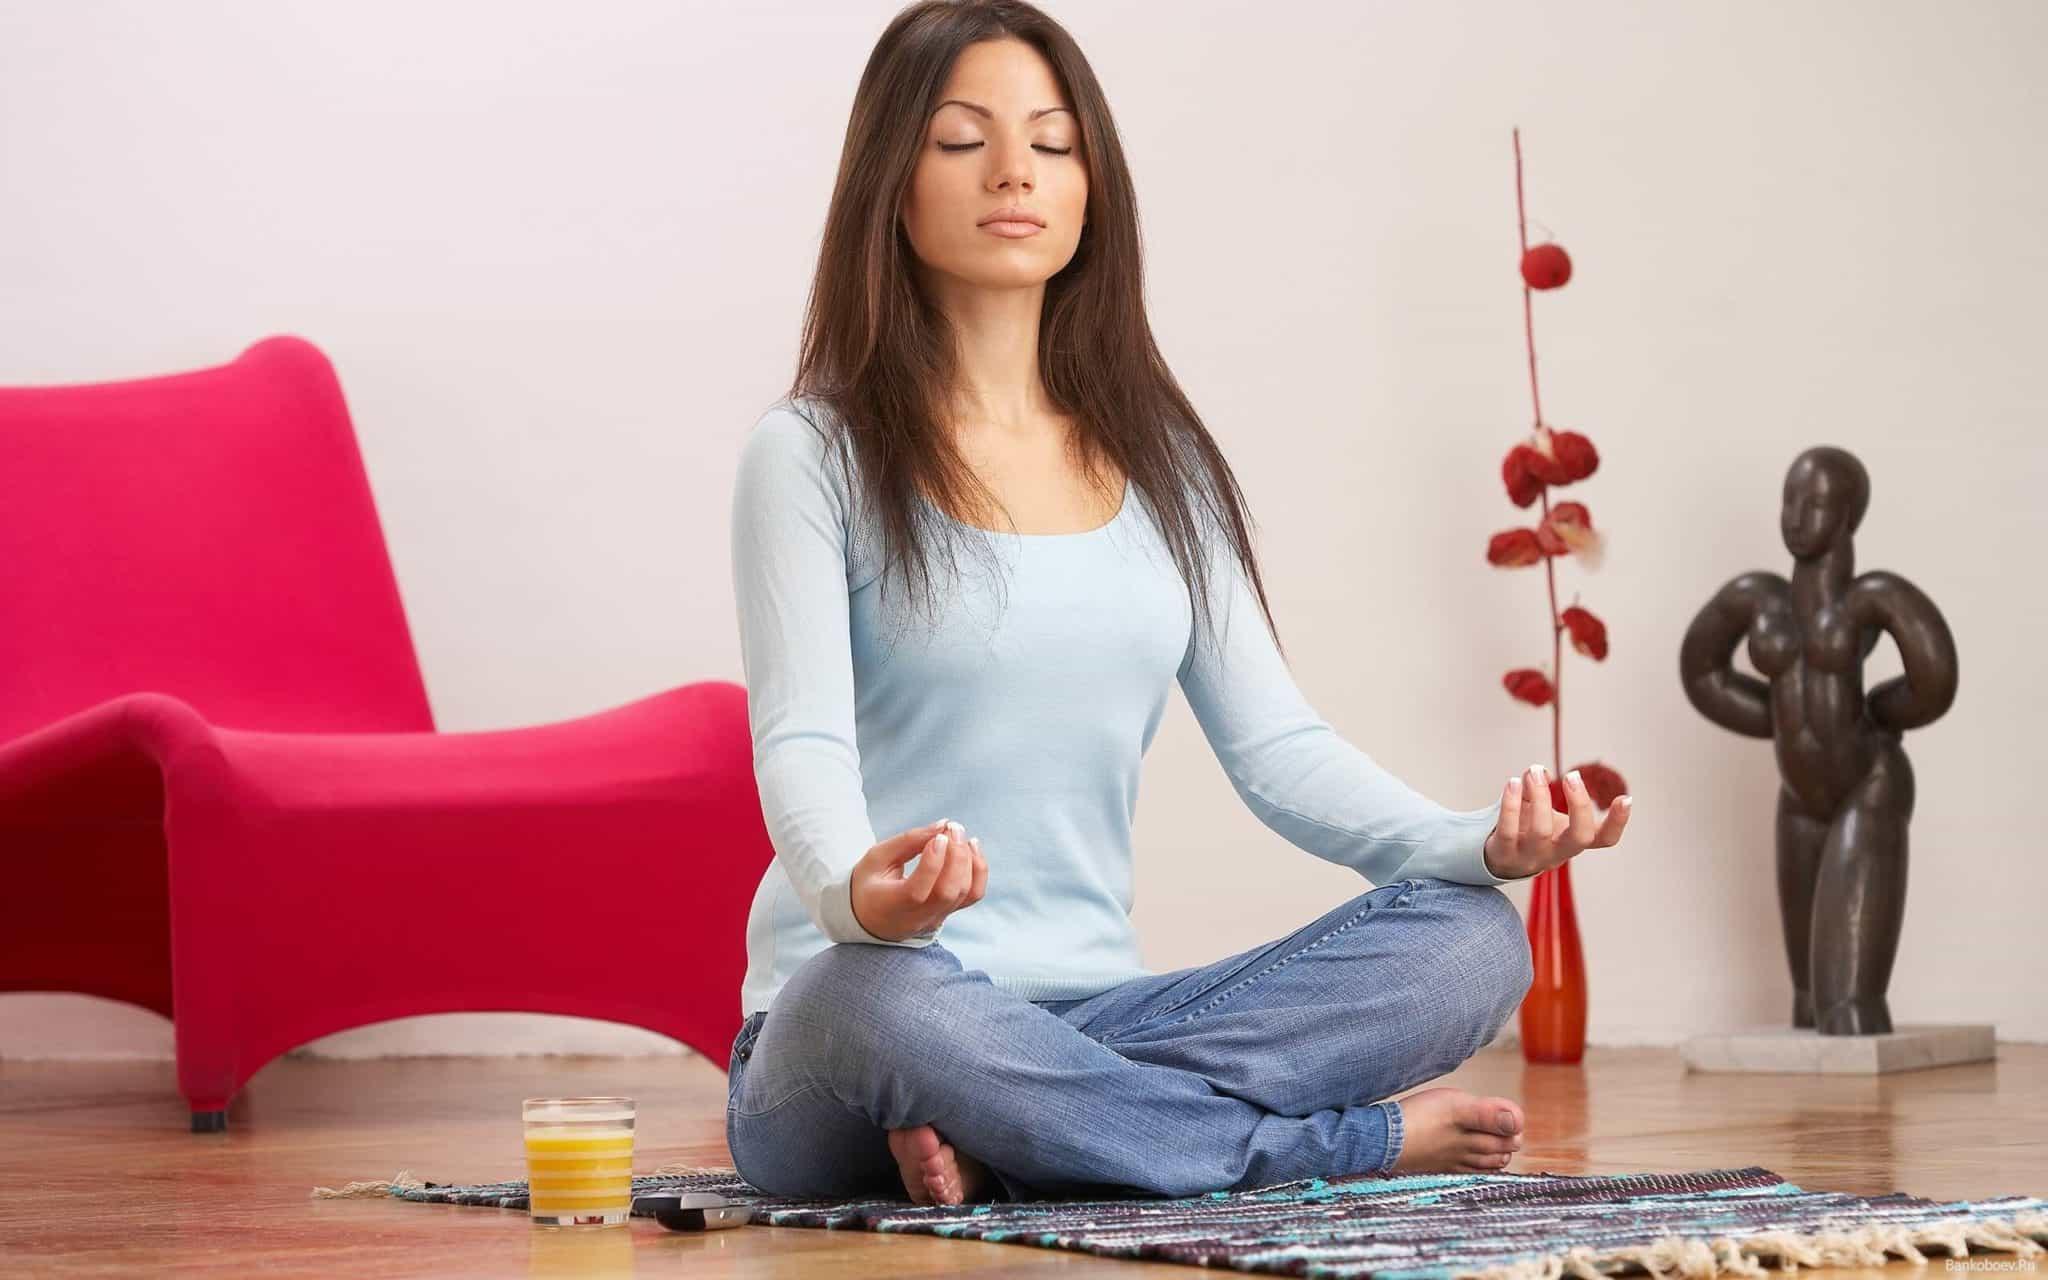 медитация для успокоения нервов